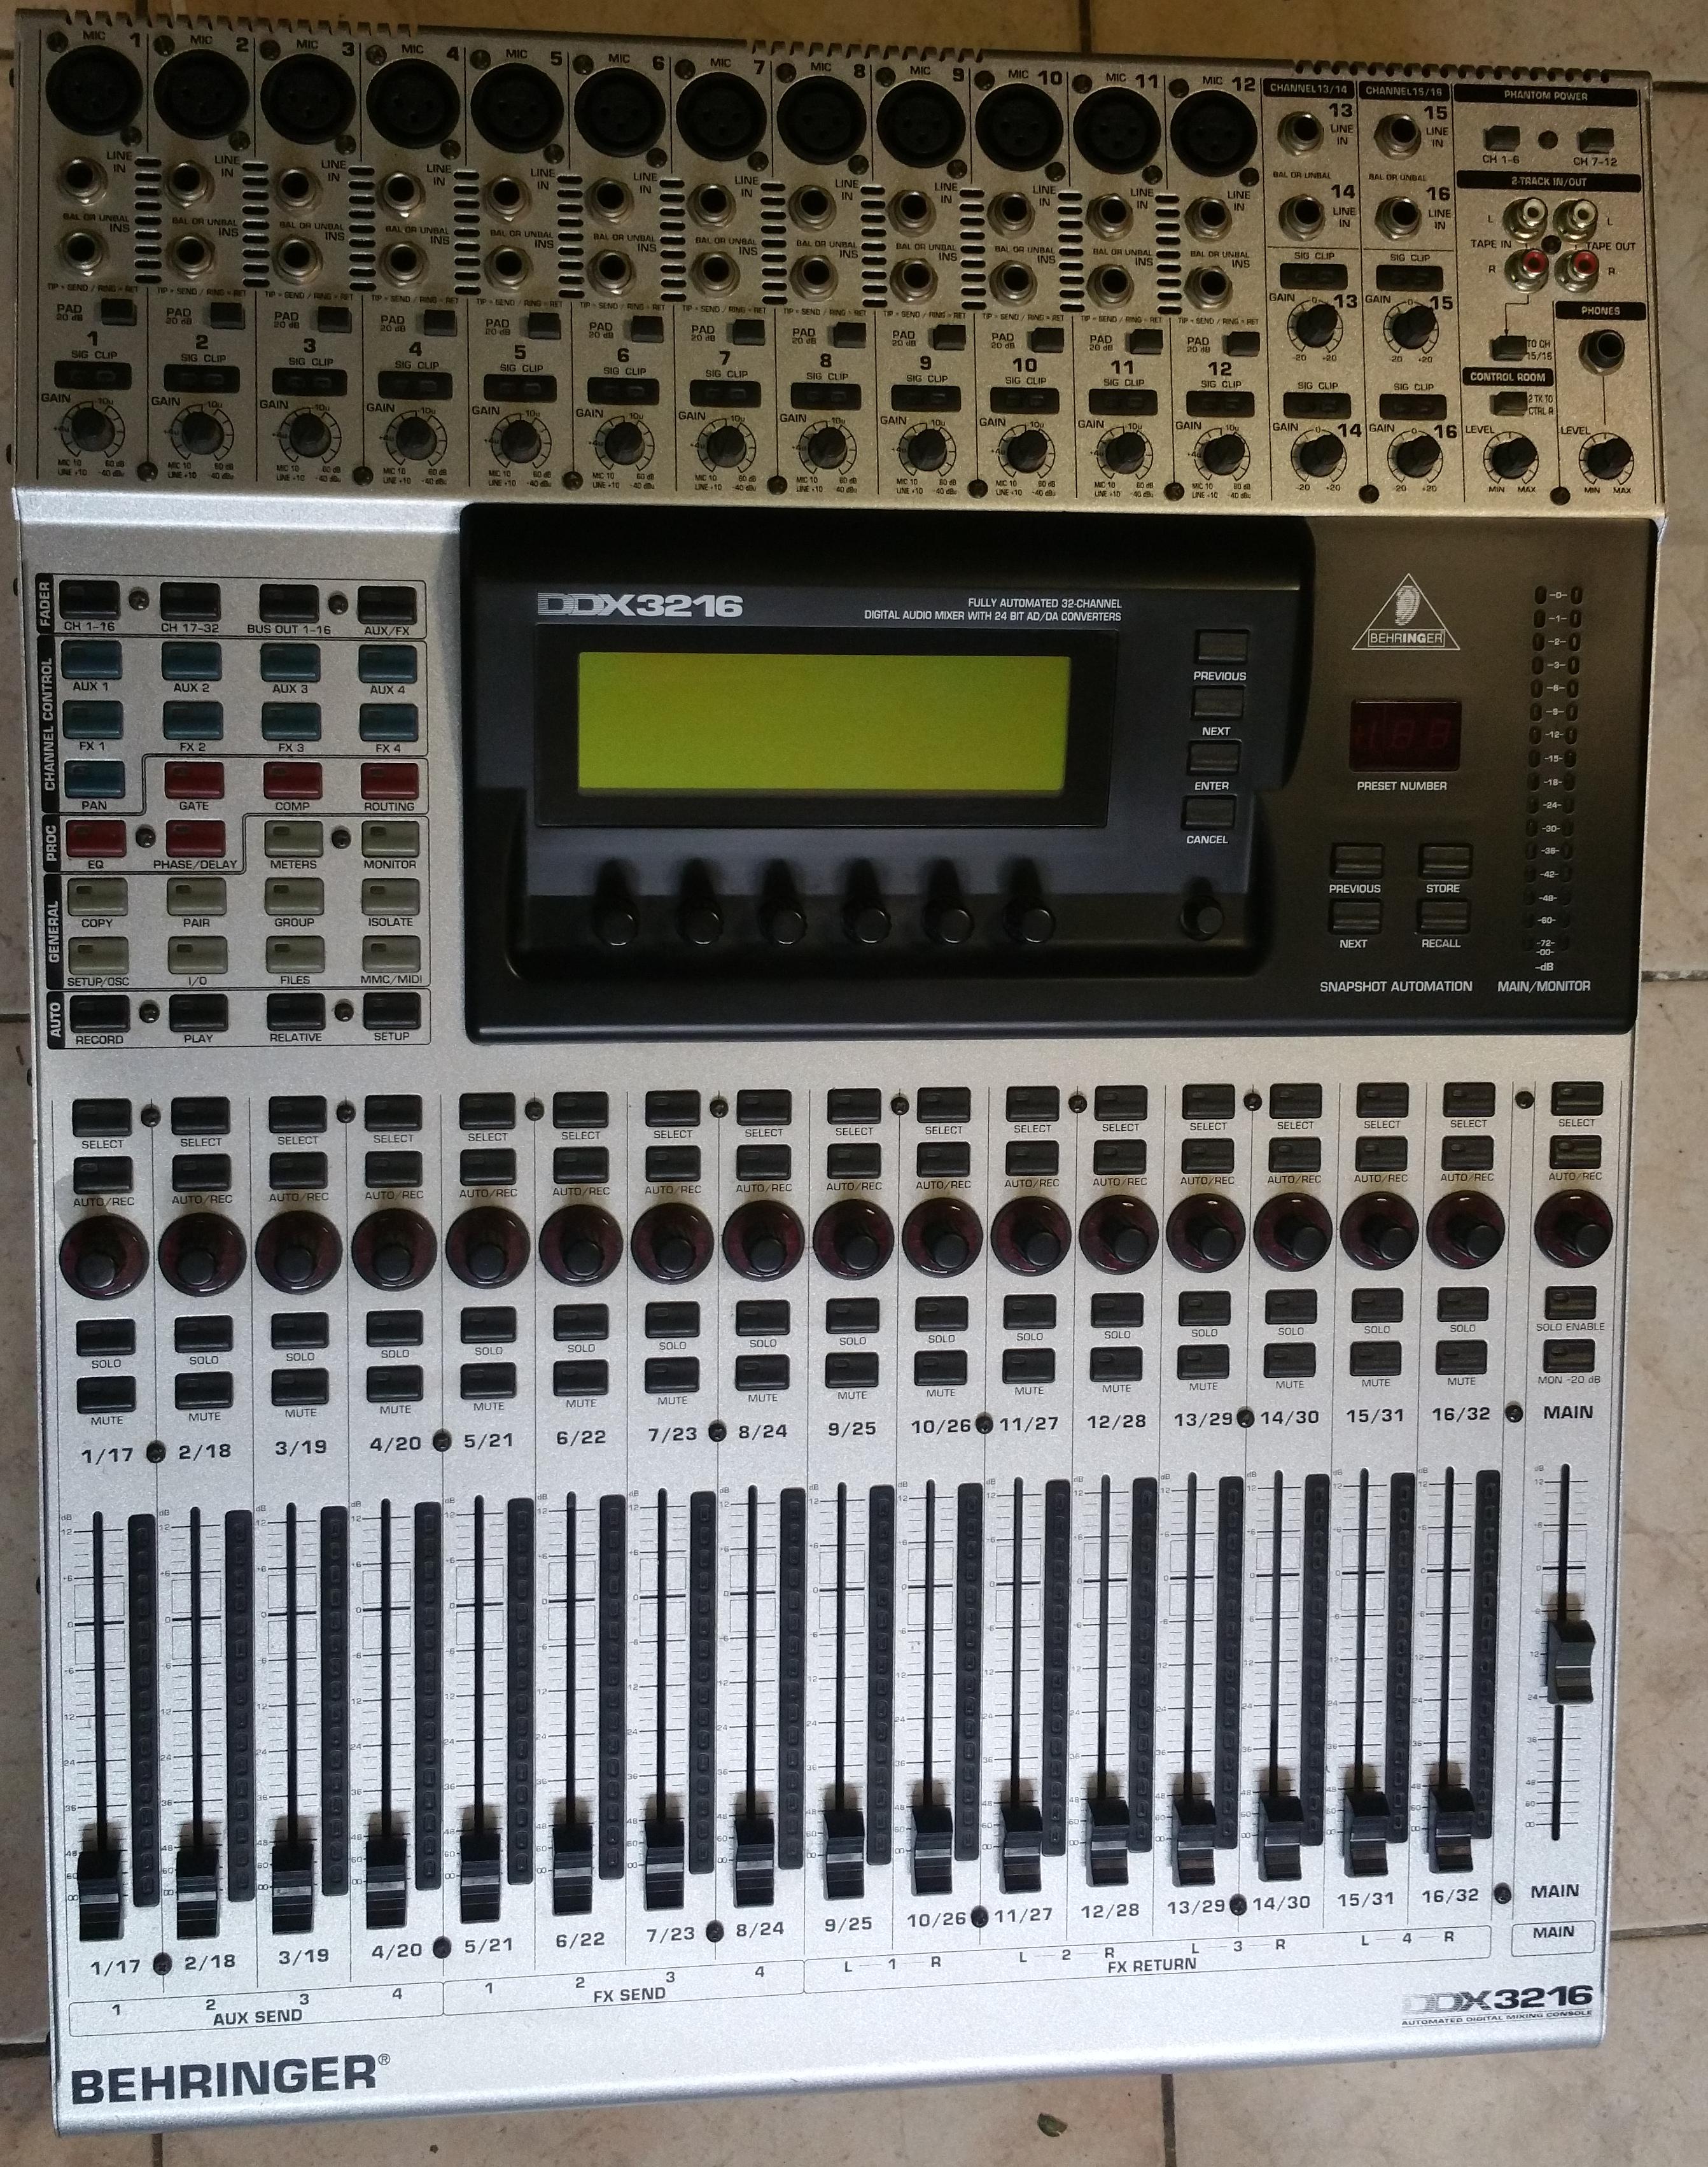 Table de mixage numerique behringer ddx3216 - Console numerique behringer ...